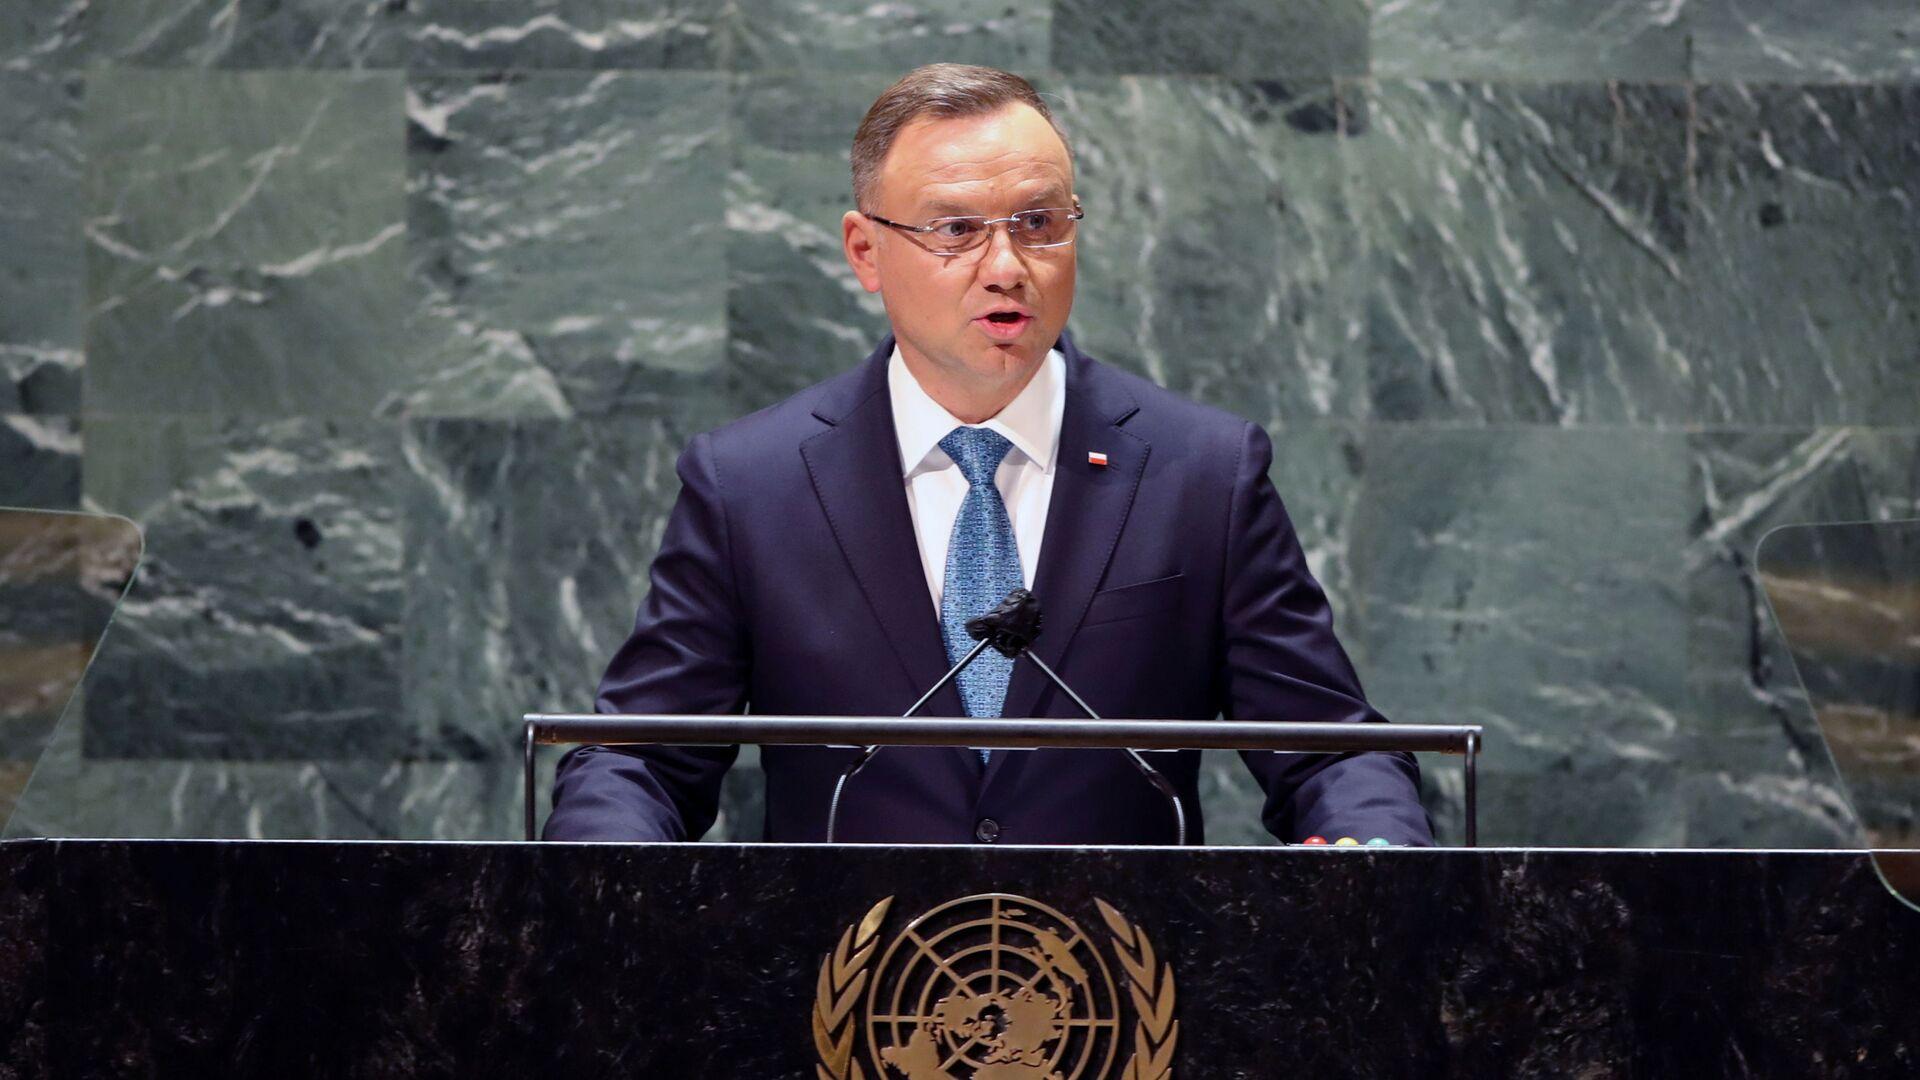 Prezydent Andrzej Duda podczas wystąpienia na Zgromadzeniu Ogólnym ONZ w Nowym Jorku - Sputnik Polska, 1920, 22.09.2021